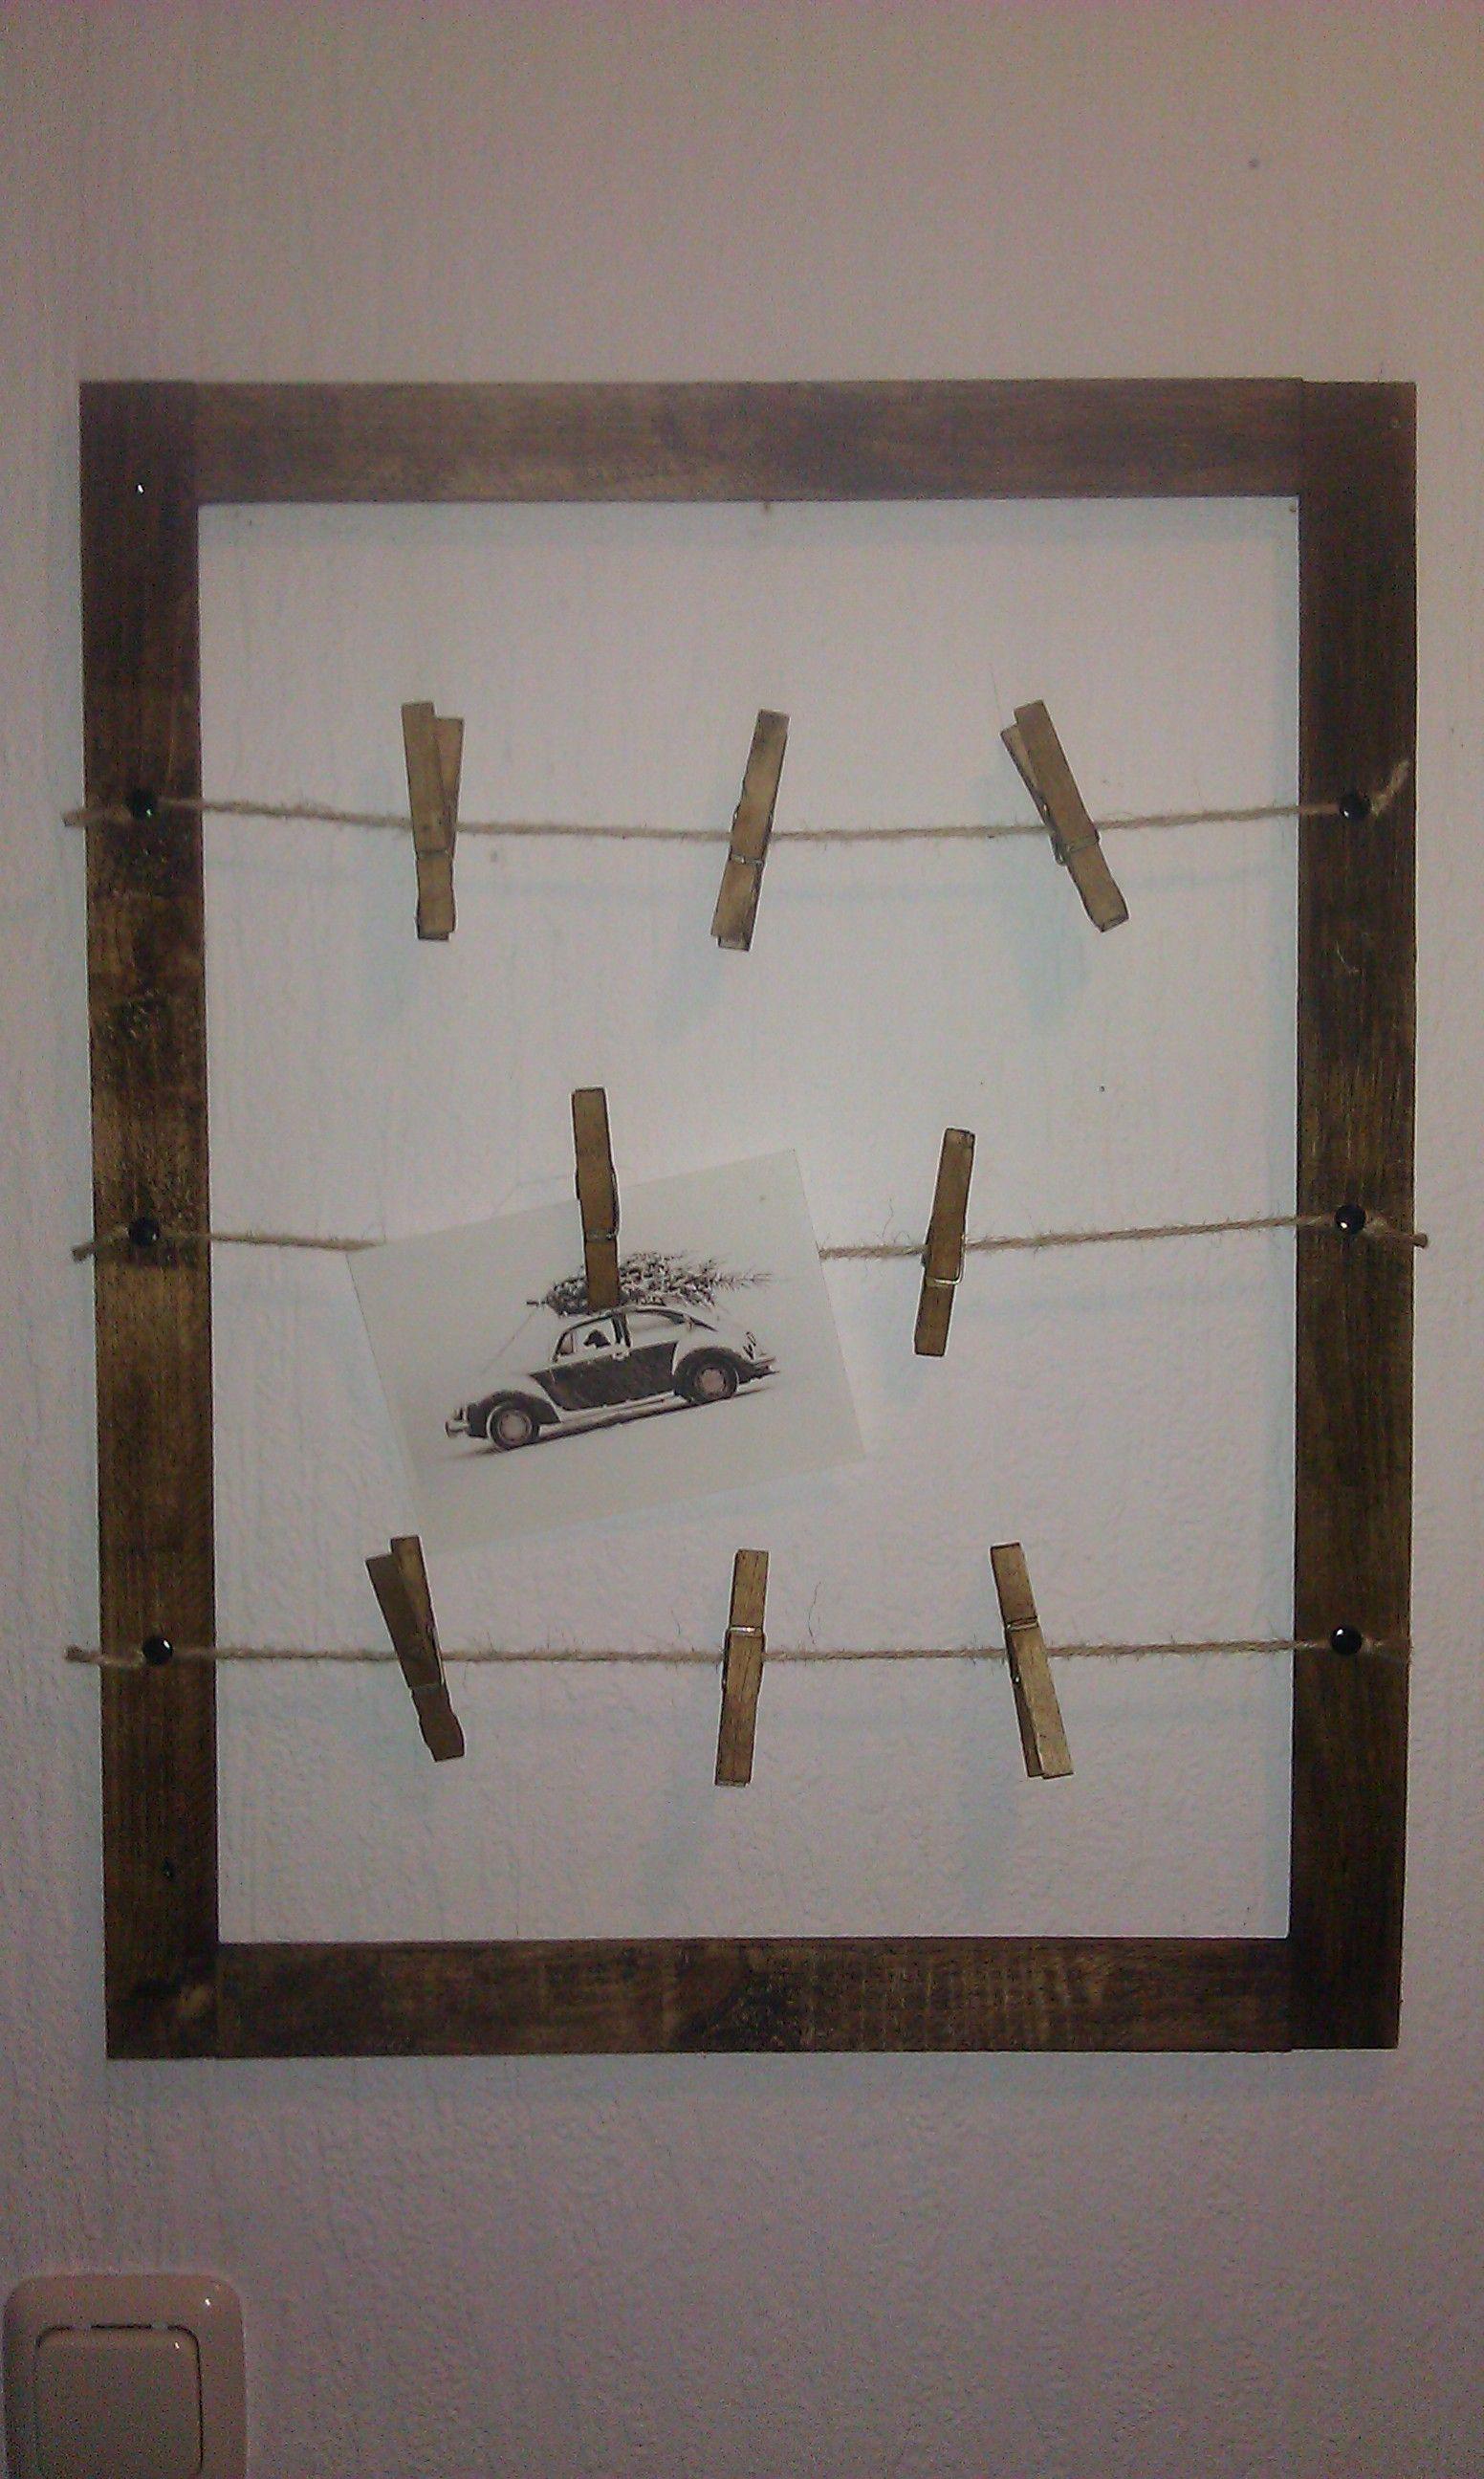 Aus alten Latten einen Rahmen bauen, diesen mit Annie Sloan Wx (dark